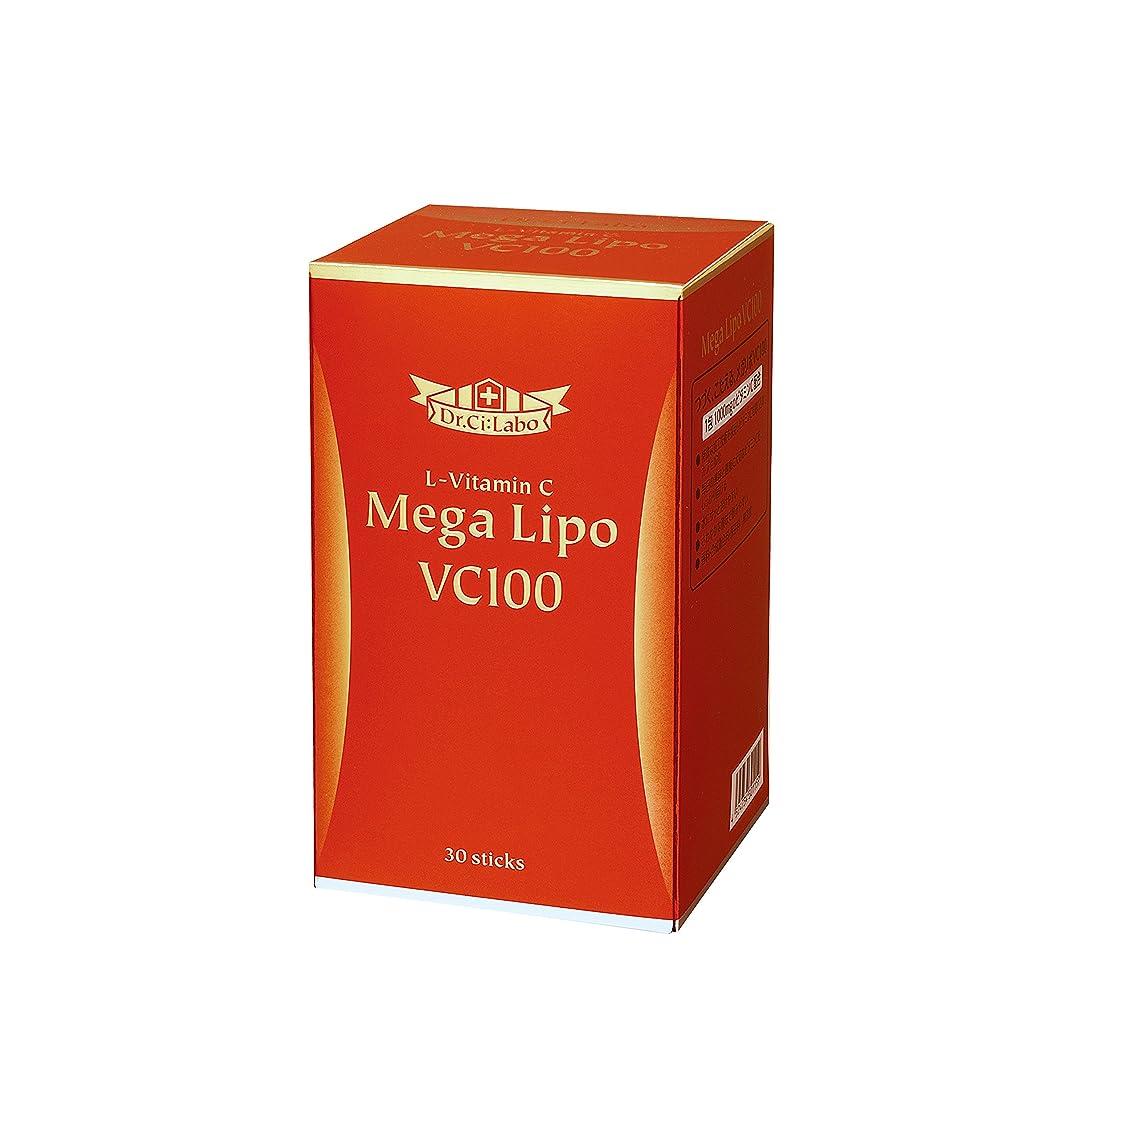 マットナプキン比類なきドクターシーラボ メガリポVC100 2.8g×30包 美容サプリメント